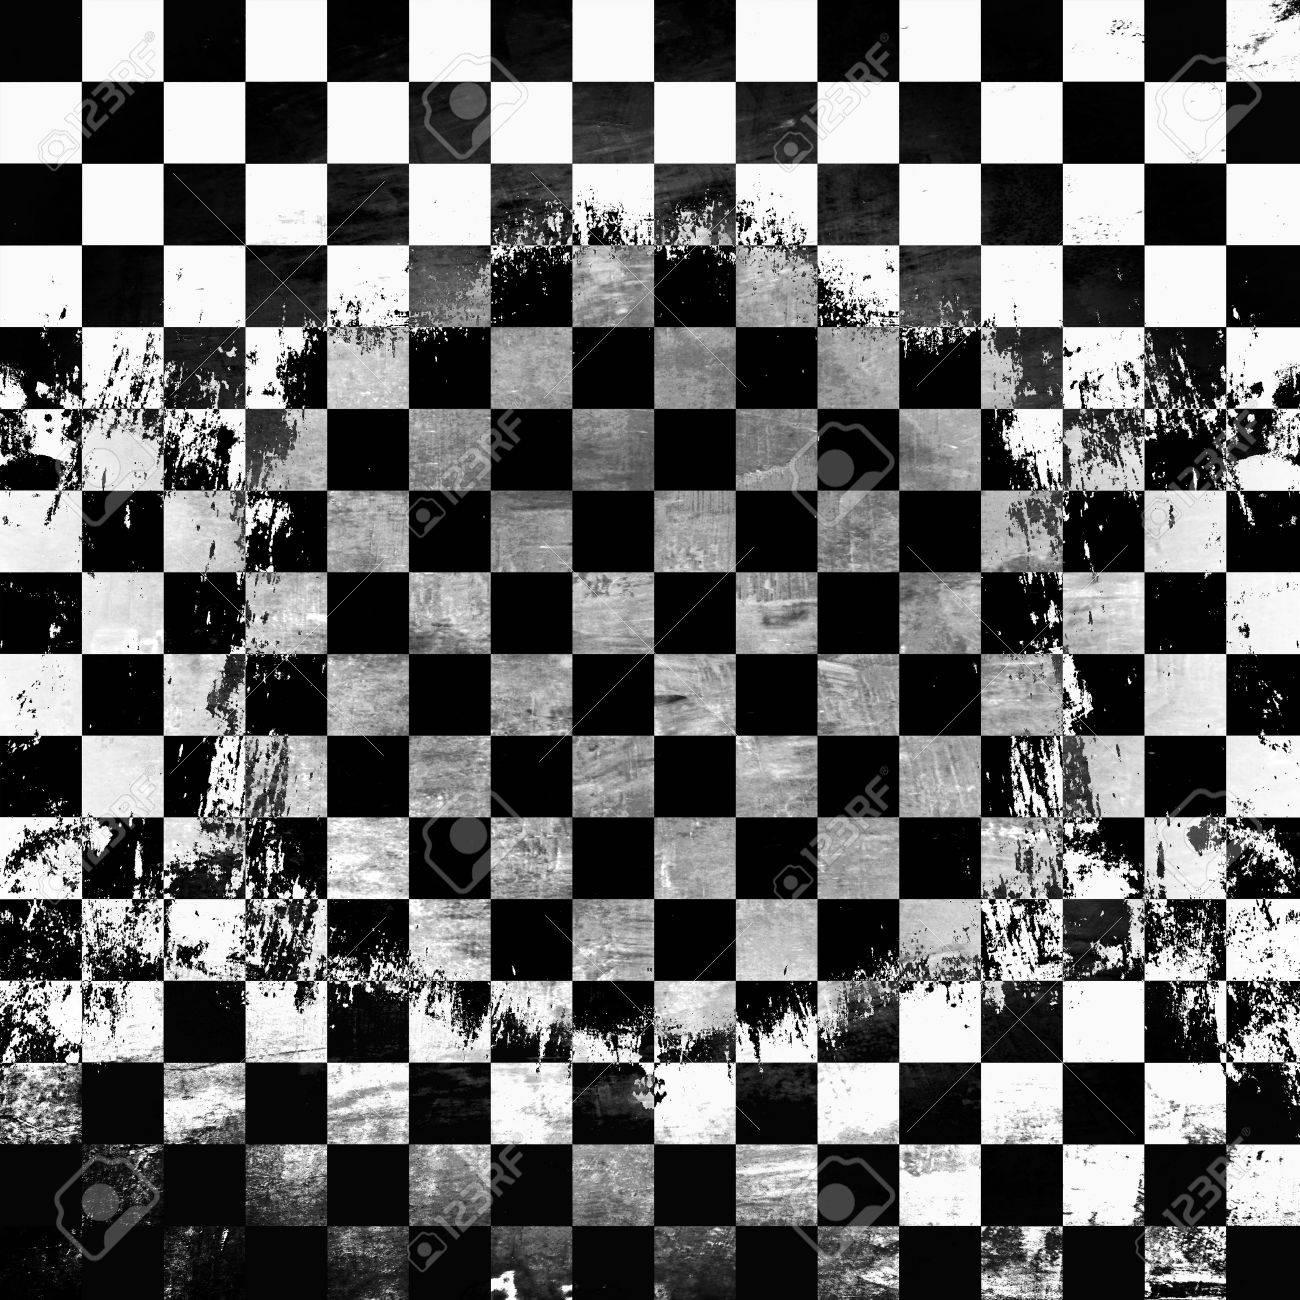 Retro style black   white checkered background Stock Photo - 21012796